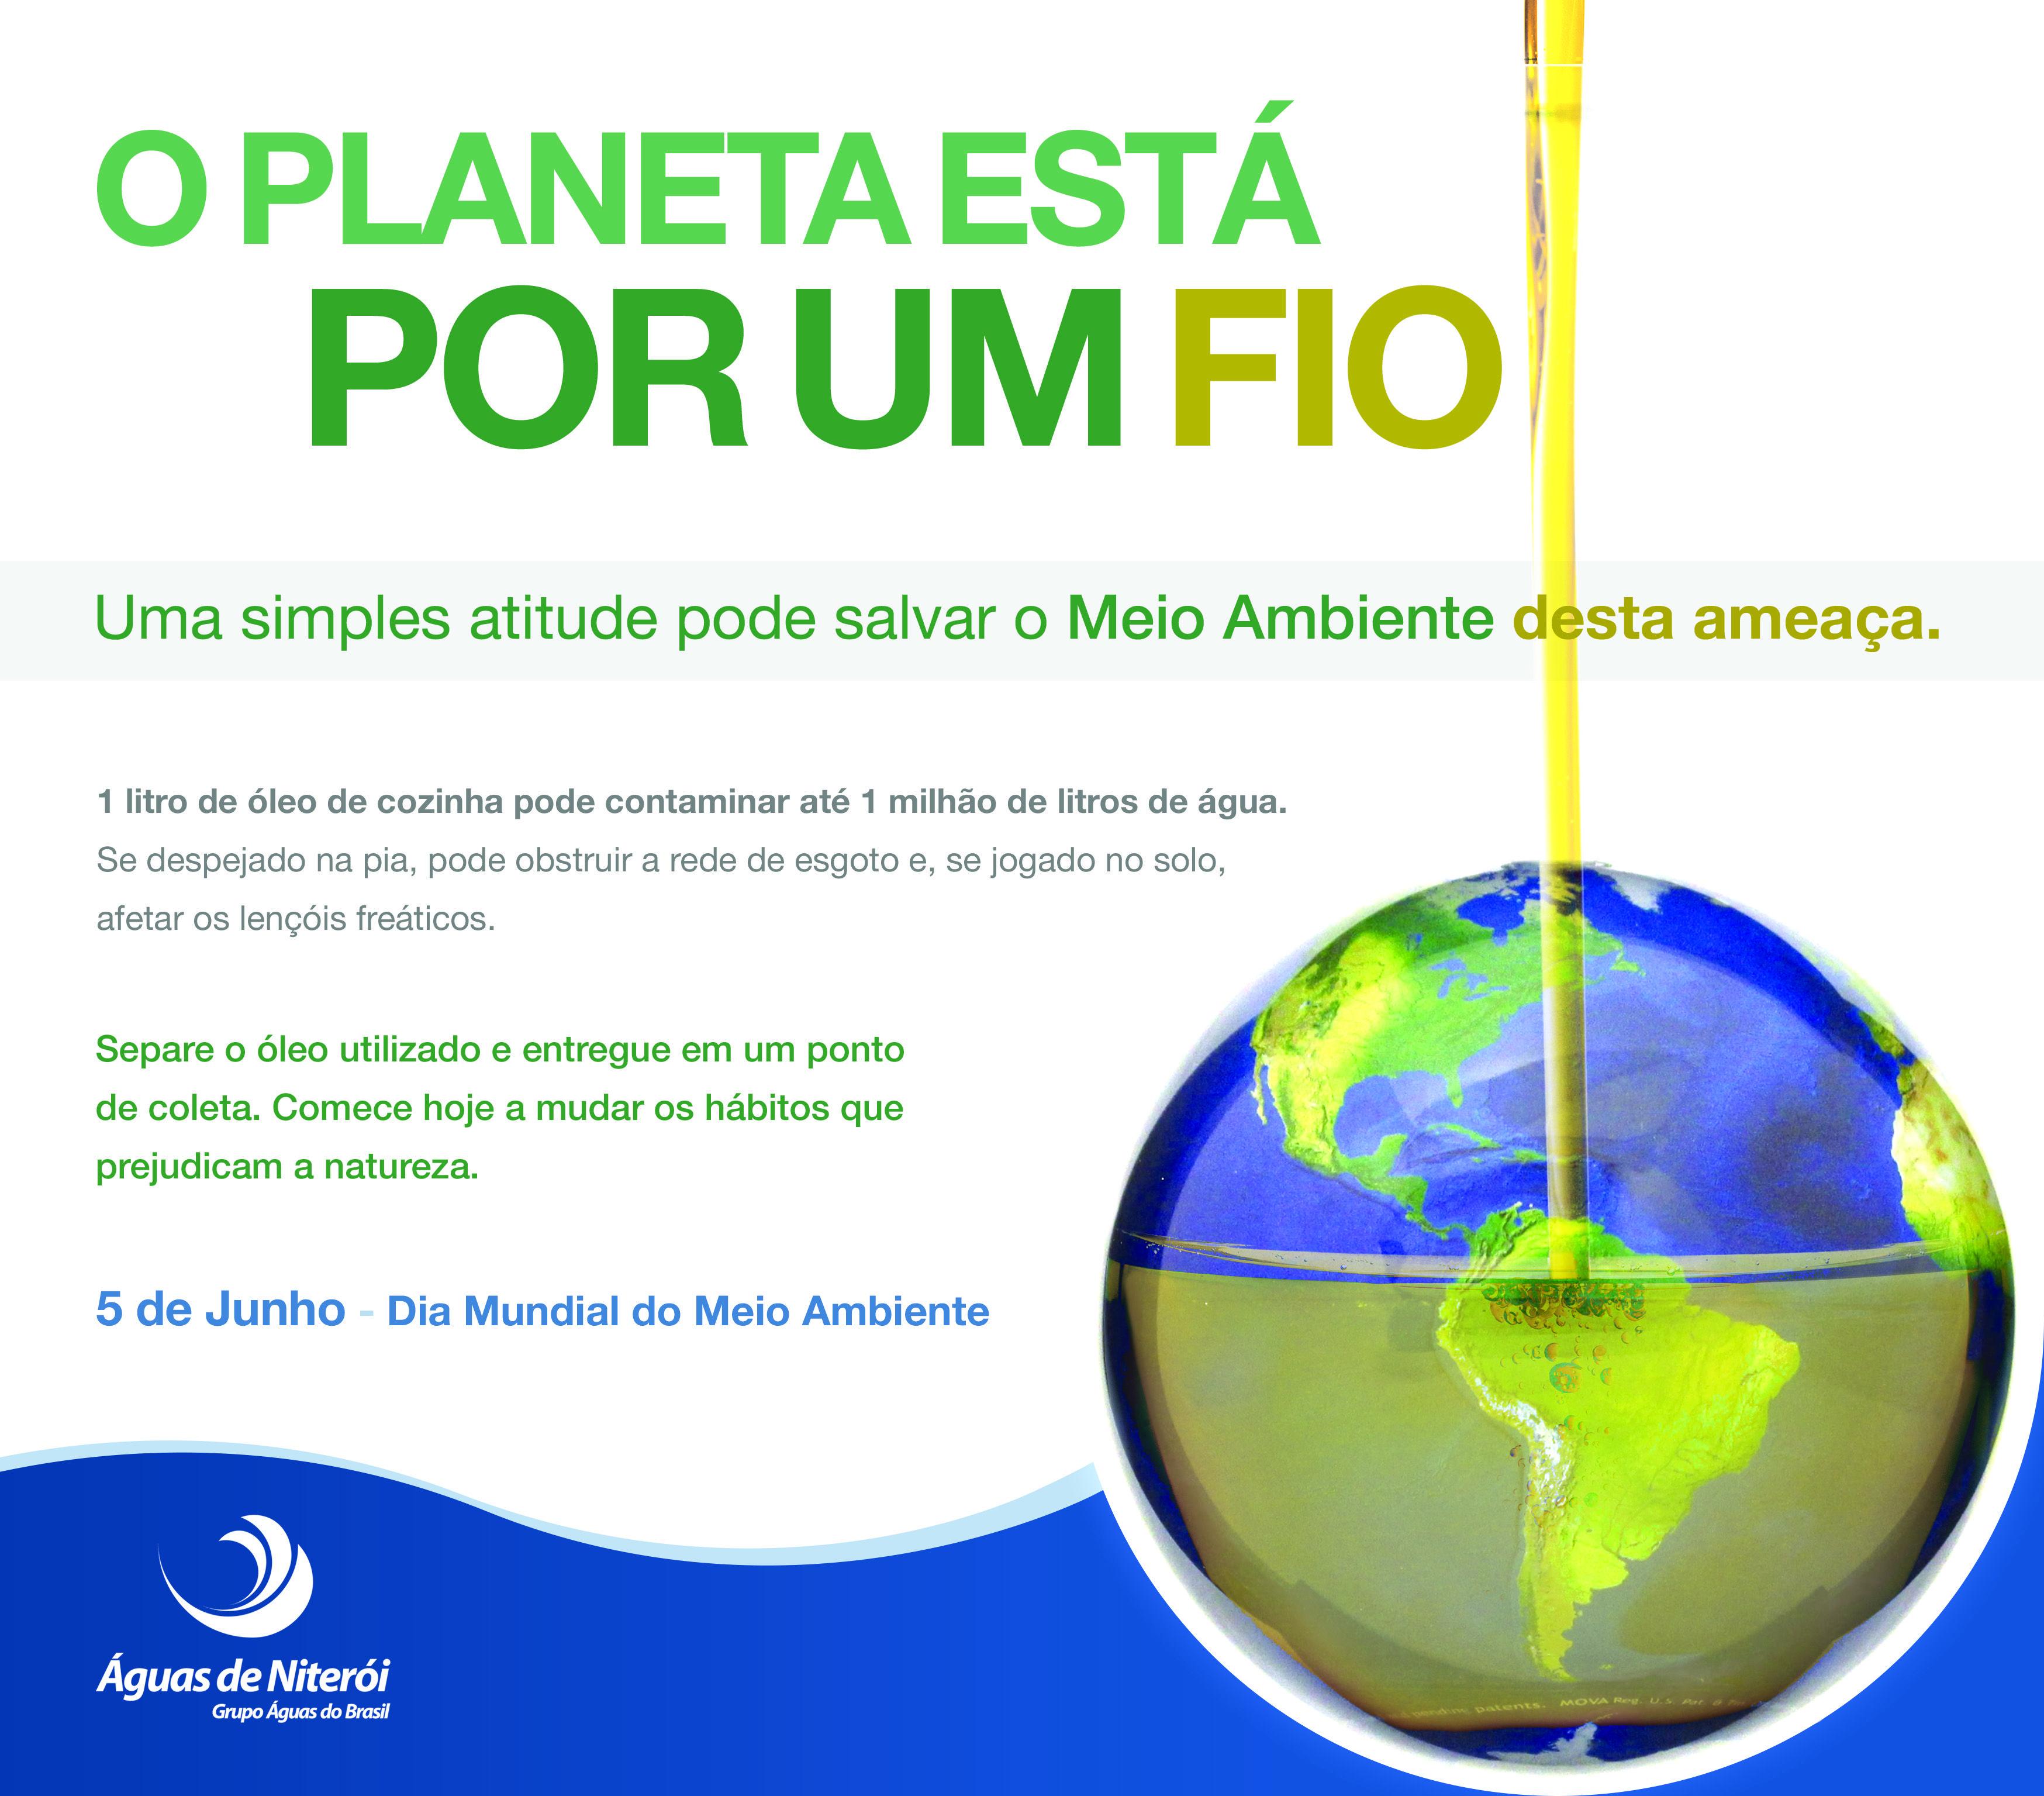 Anúncio pelo Dia Mundial do Meio Ambiente - 2013